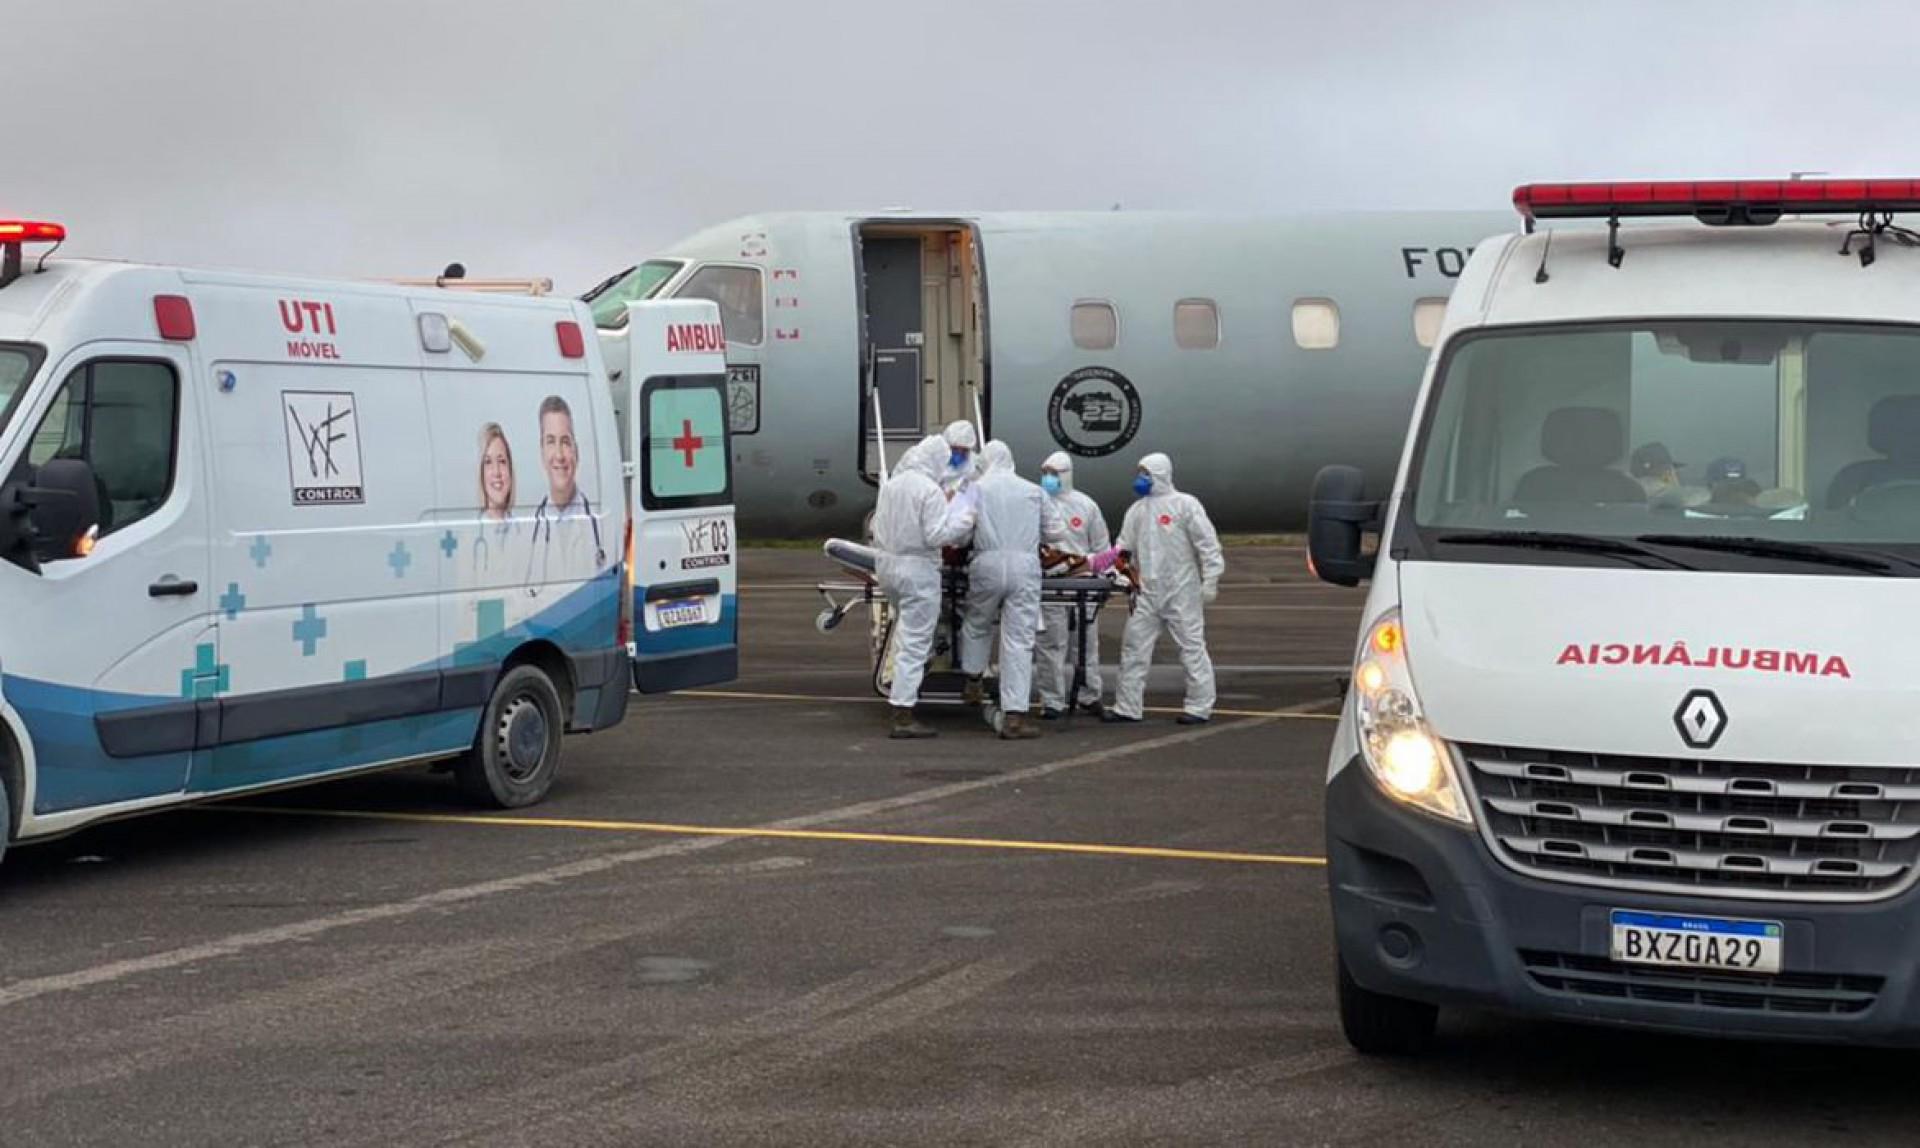 Primeiro embarque de pacientes com covid-19 do Amazonas que serão transferidos para outros estados (Foto: Divulgação/Força Aérea Brasileira (FAB))